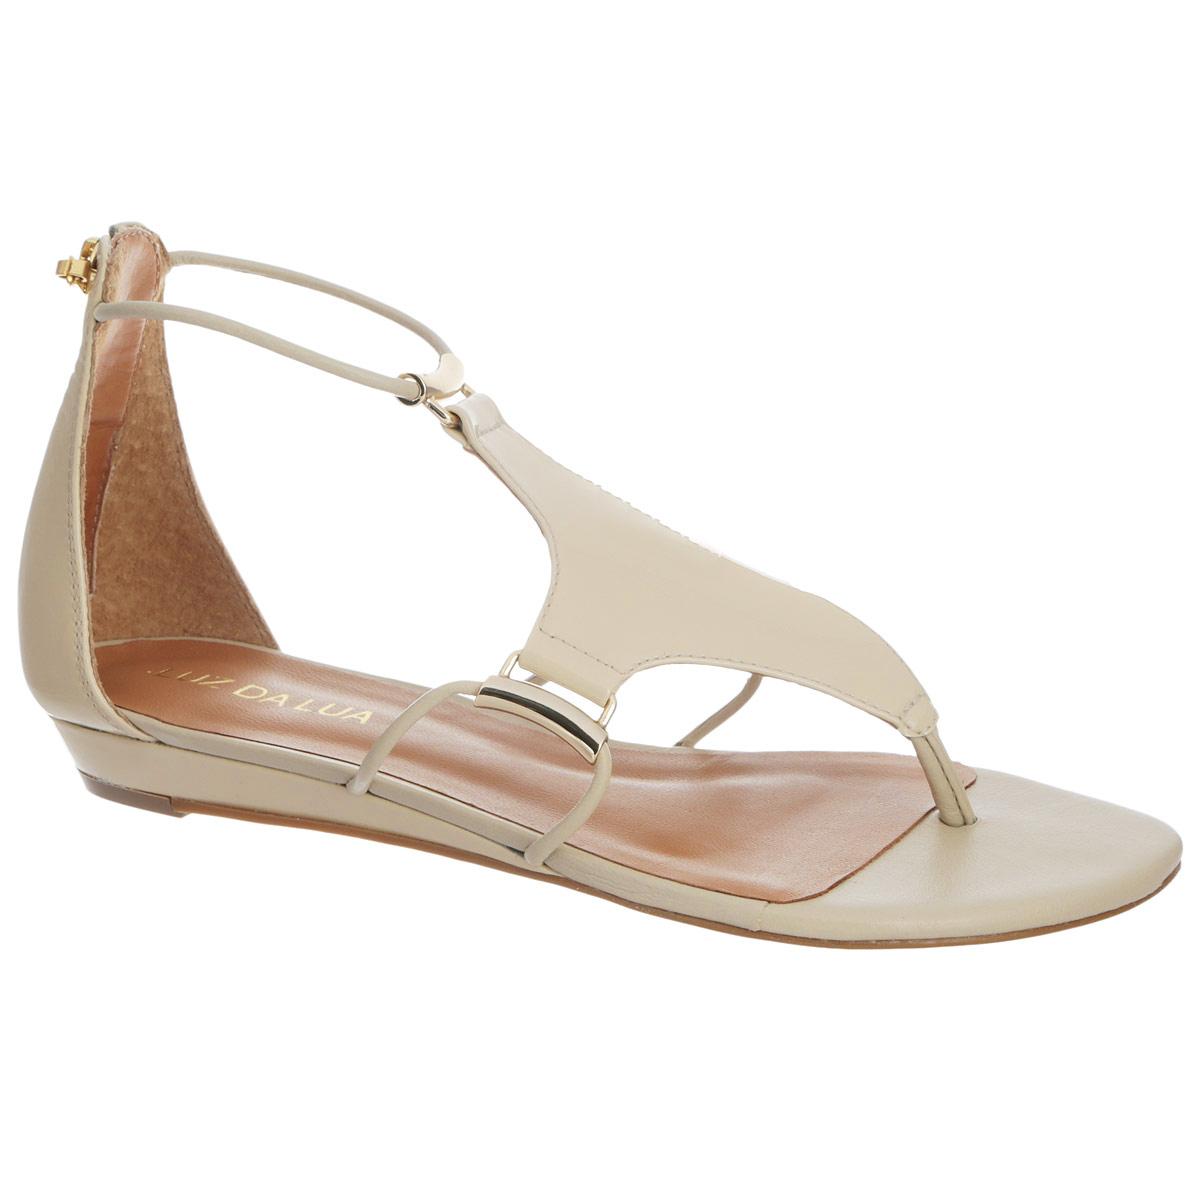 Сандалии женские. S56201V15S56201V15Оригинальные сандалии от Luz Da Lua заинтересуют вас своим дизайном. Сандалии выполнены из натуральной лакированной кожи. Изюминка модели - накладка, расположенная на подъеме, которая крепится к изделию при помощи тонких ремешков, пропущенных через оригинальную металлическую фурнитуру. Закрытый задник, дополненный удобной застежкой-молнией, и перемычка между пальцами отвечают за надежную фиксацию модели на ноге. Стелька из натуральной кожи обеспечивает комфорт при ходьбе. Невысокая танкетка устойчива. Минимальной высоты каблук и подошва дополнены противоскользящим рифлением. Стильные сандалии внесут элегантные нотки в ваш летний наряд.